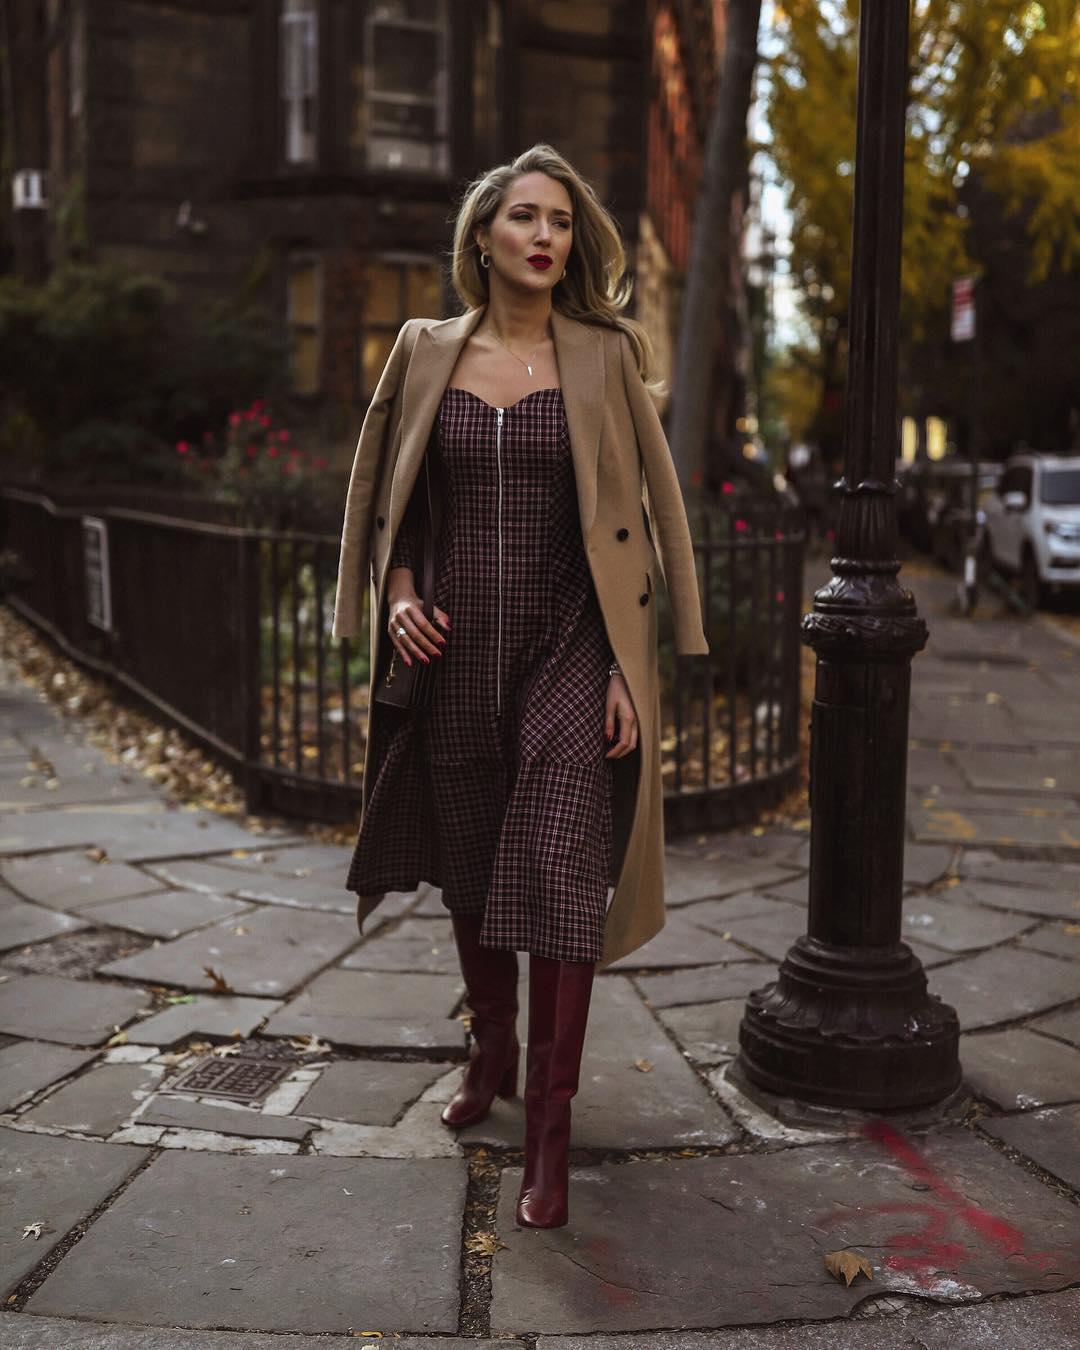 модные образы для деловых женщин осени 2019 фото 13